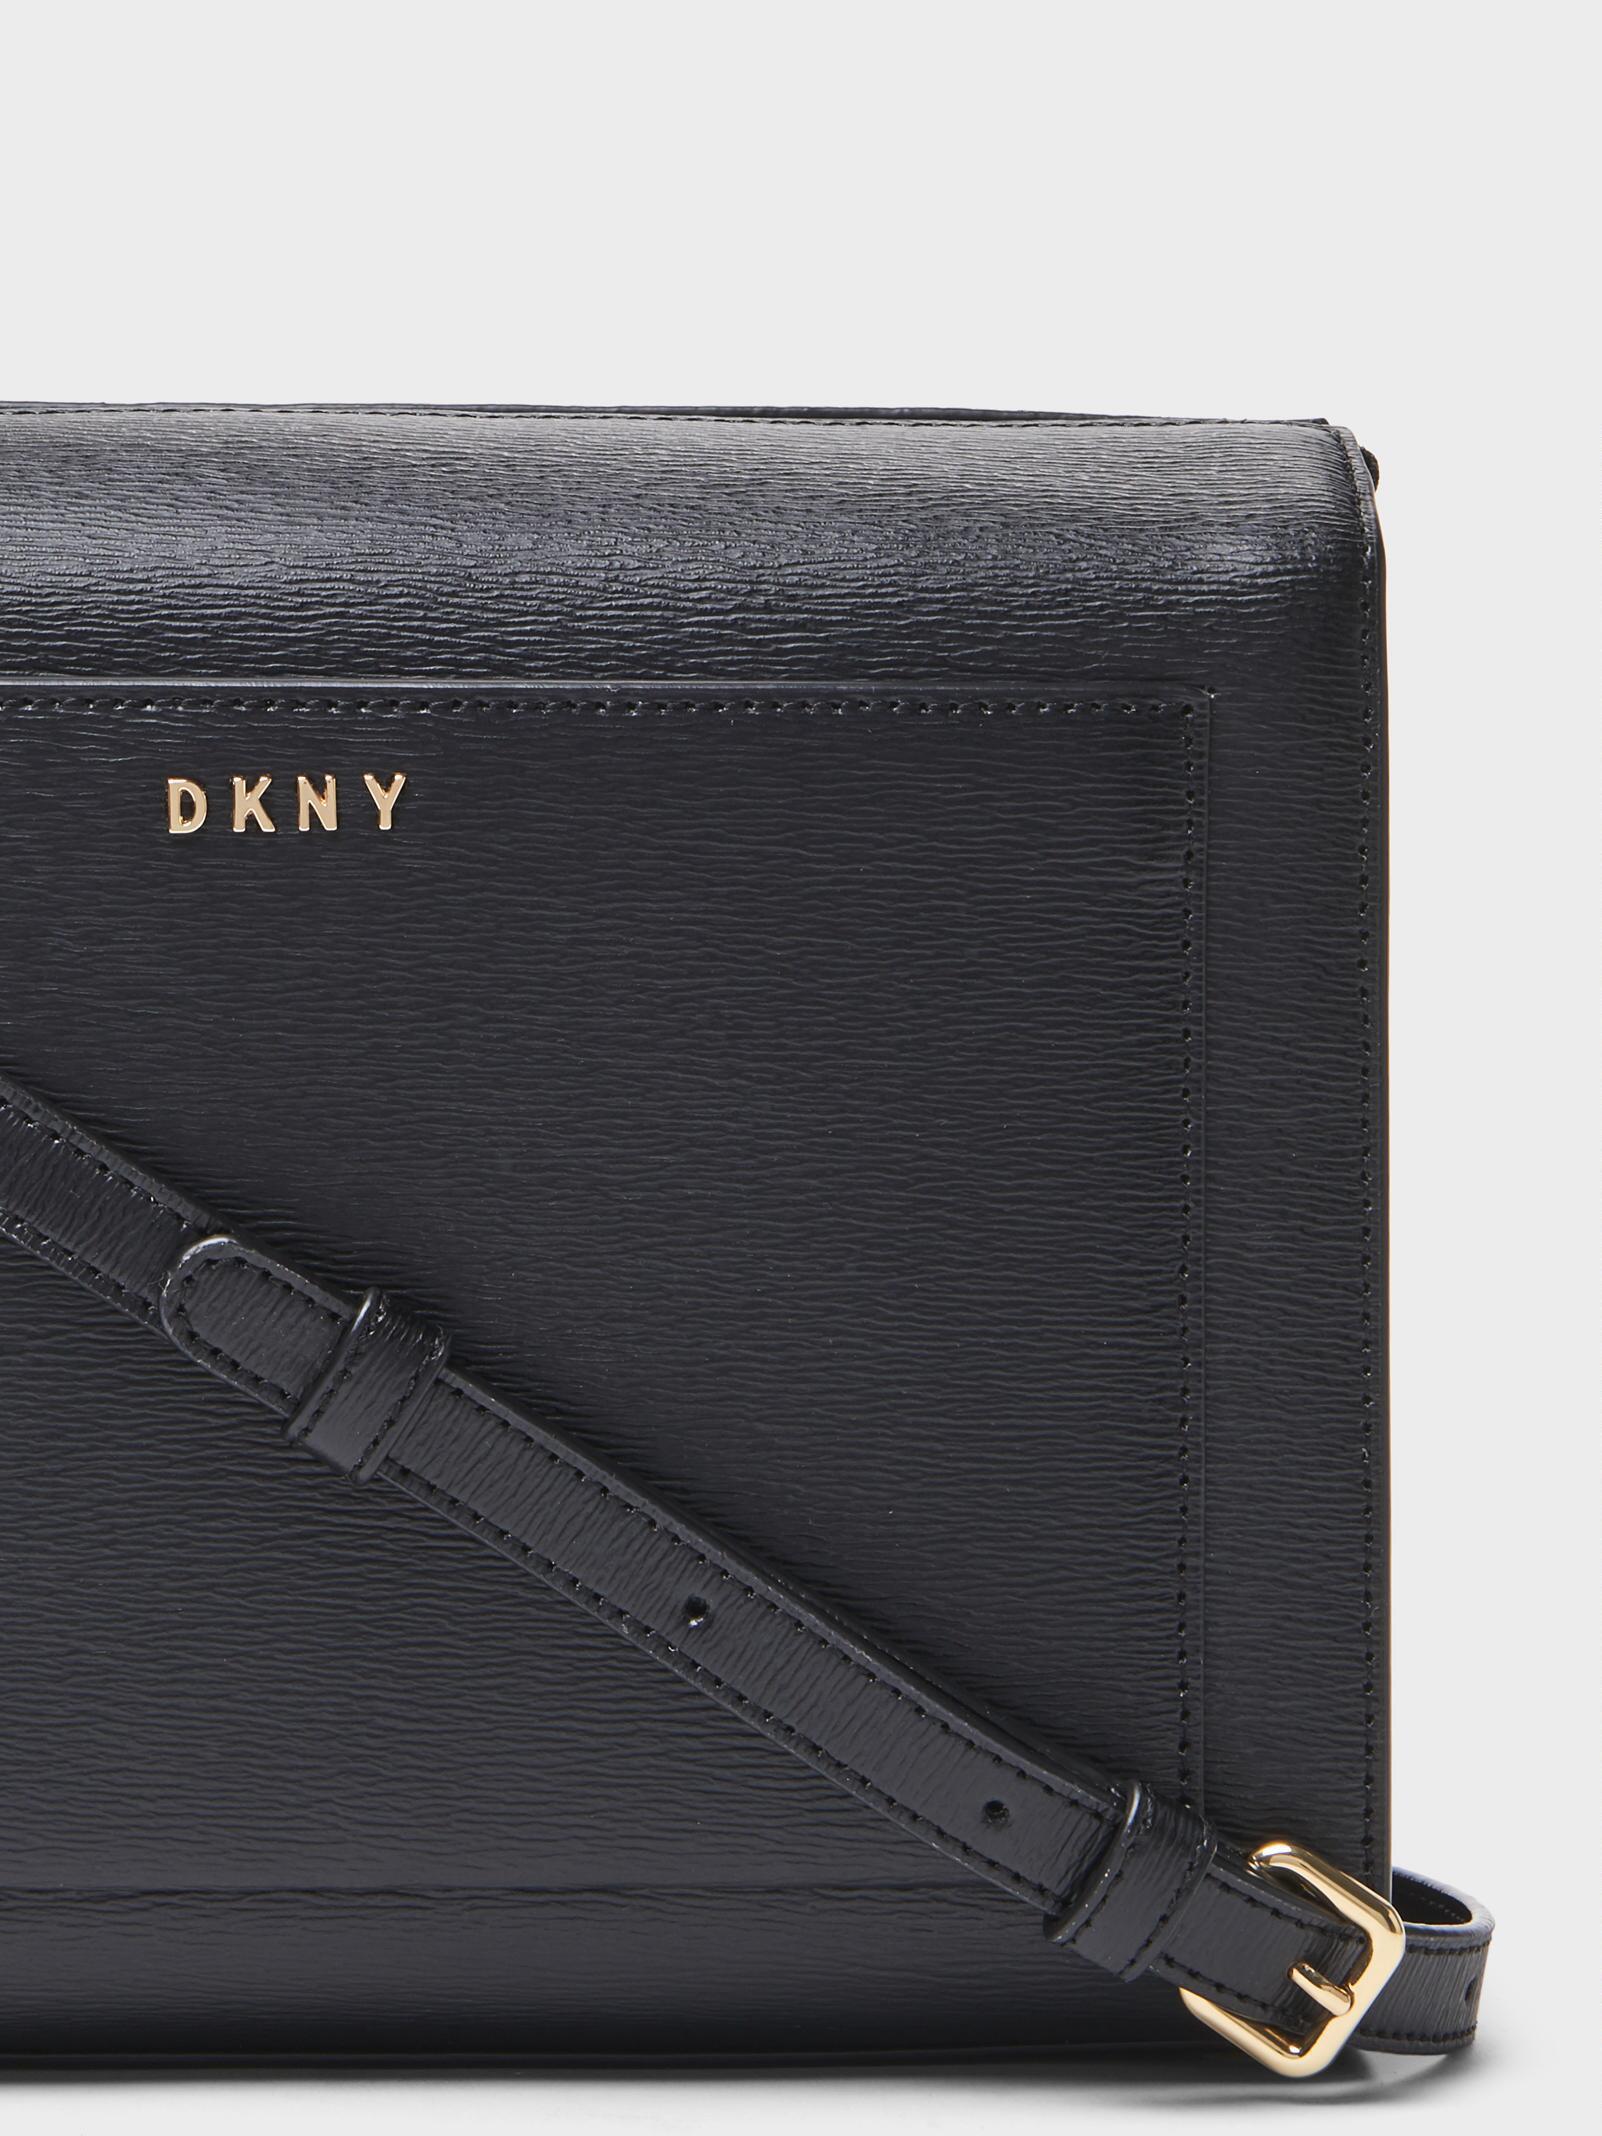 e72e370934e1 Lyst - DKNY Sutton Medium Box Crossbody in Black